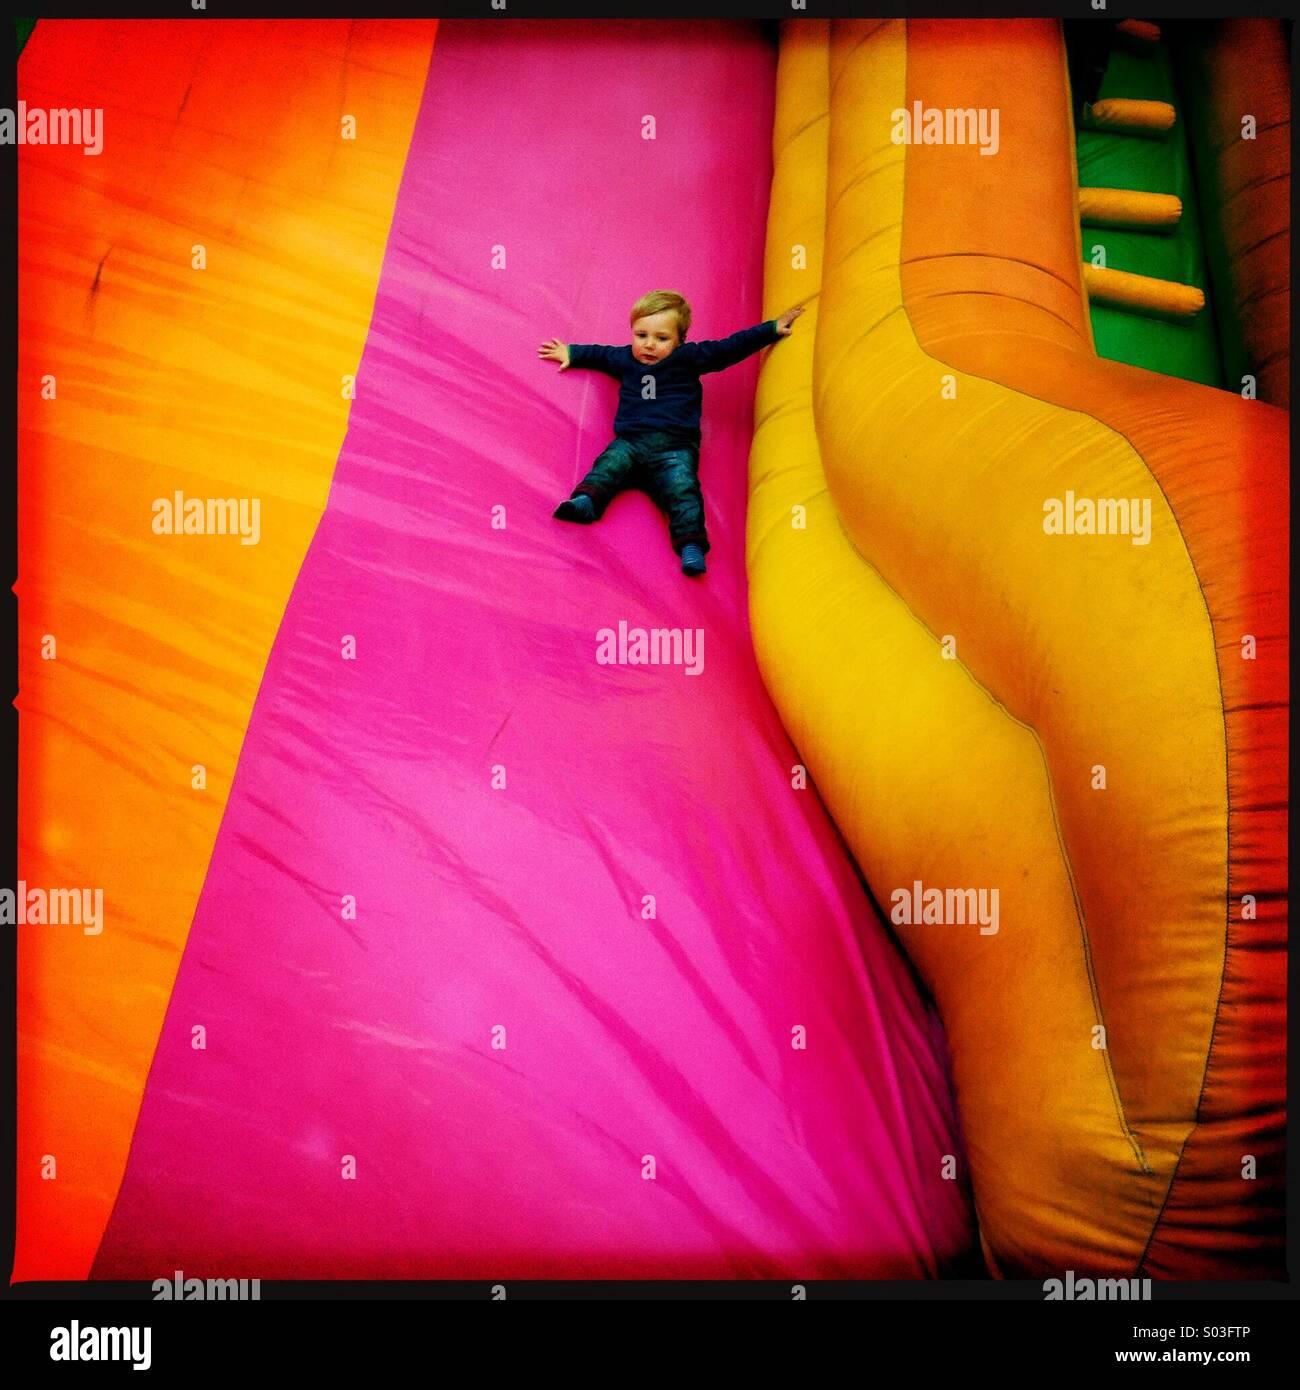 Un joven muchacho dos años deslizarse en tobogán inflable aim en una feria. El niño muestra un cierto grado de temor. Foto de stock